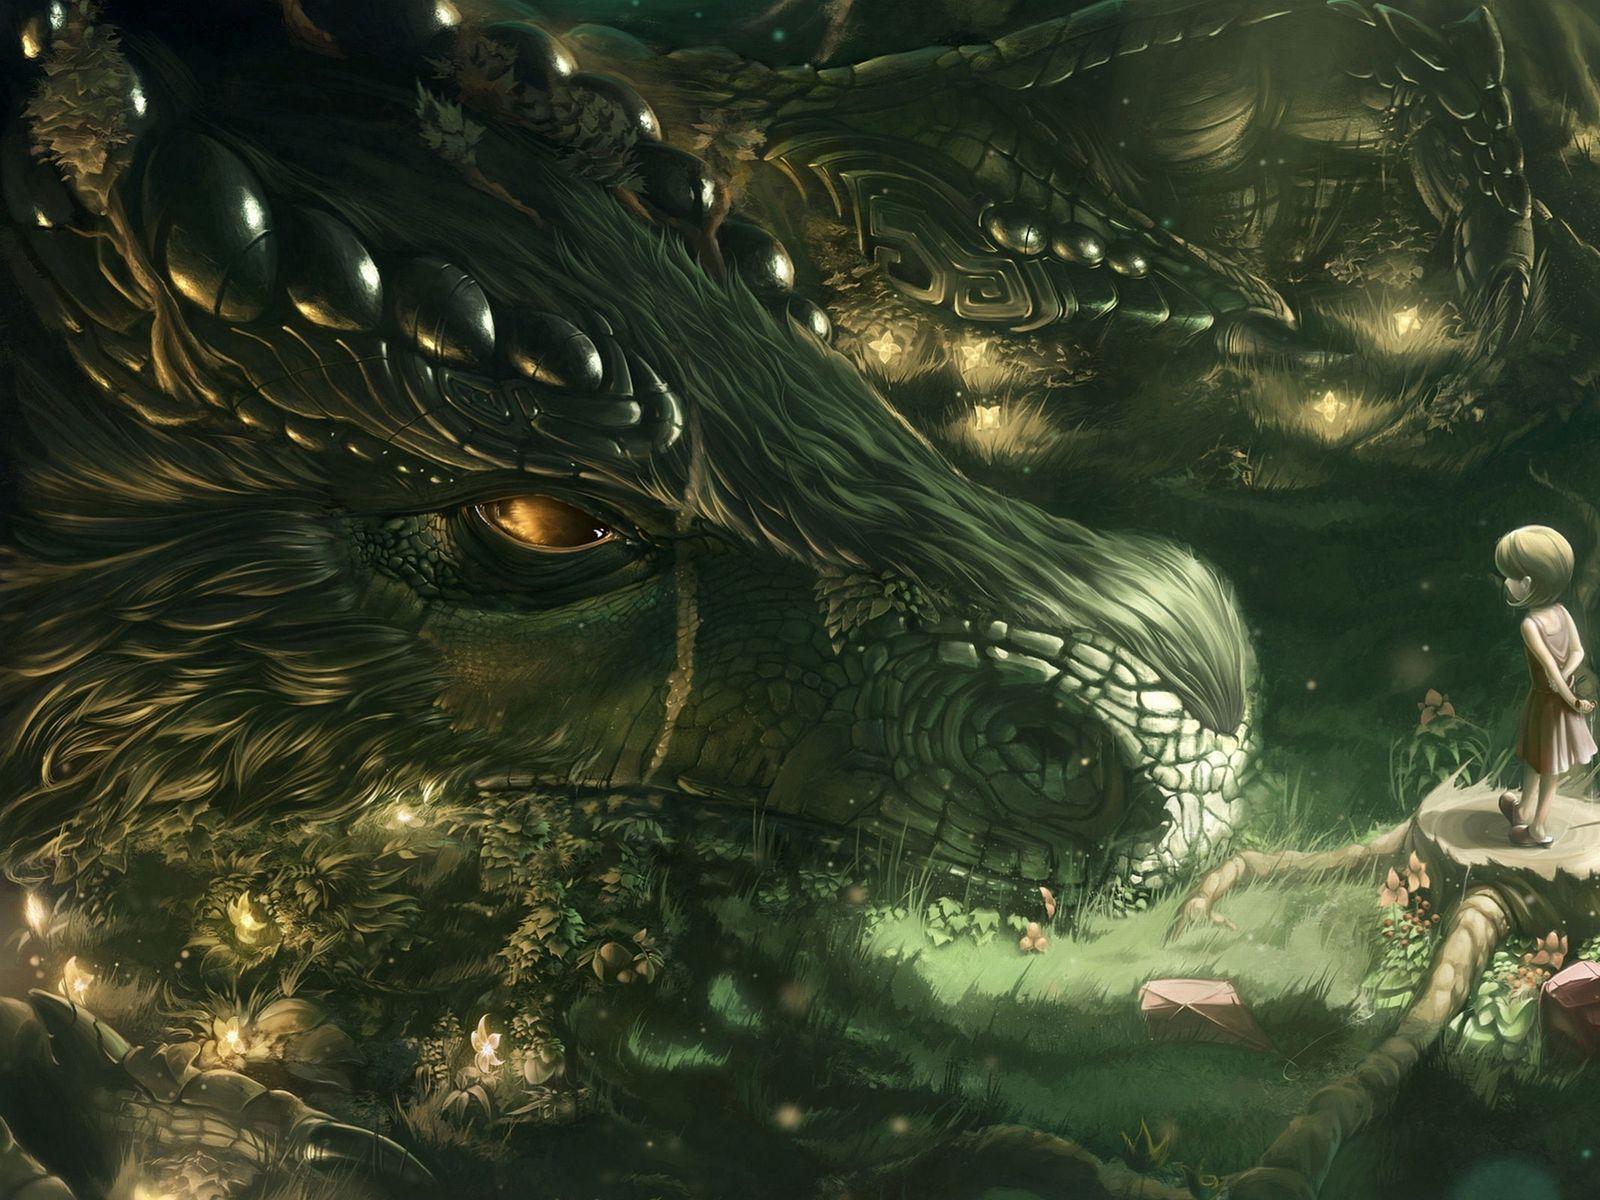 1600x1200 Wallpaper dragon, girl, forest, art